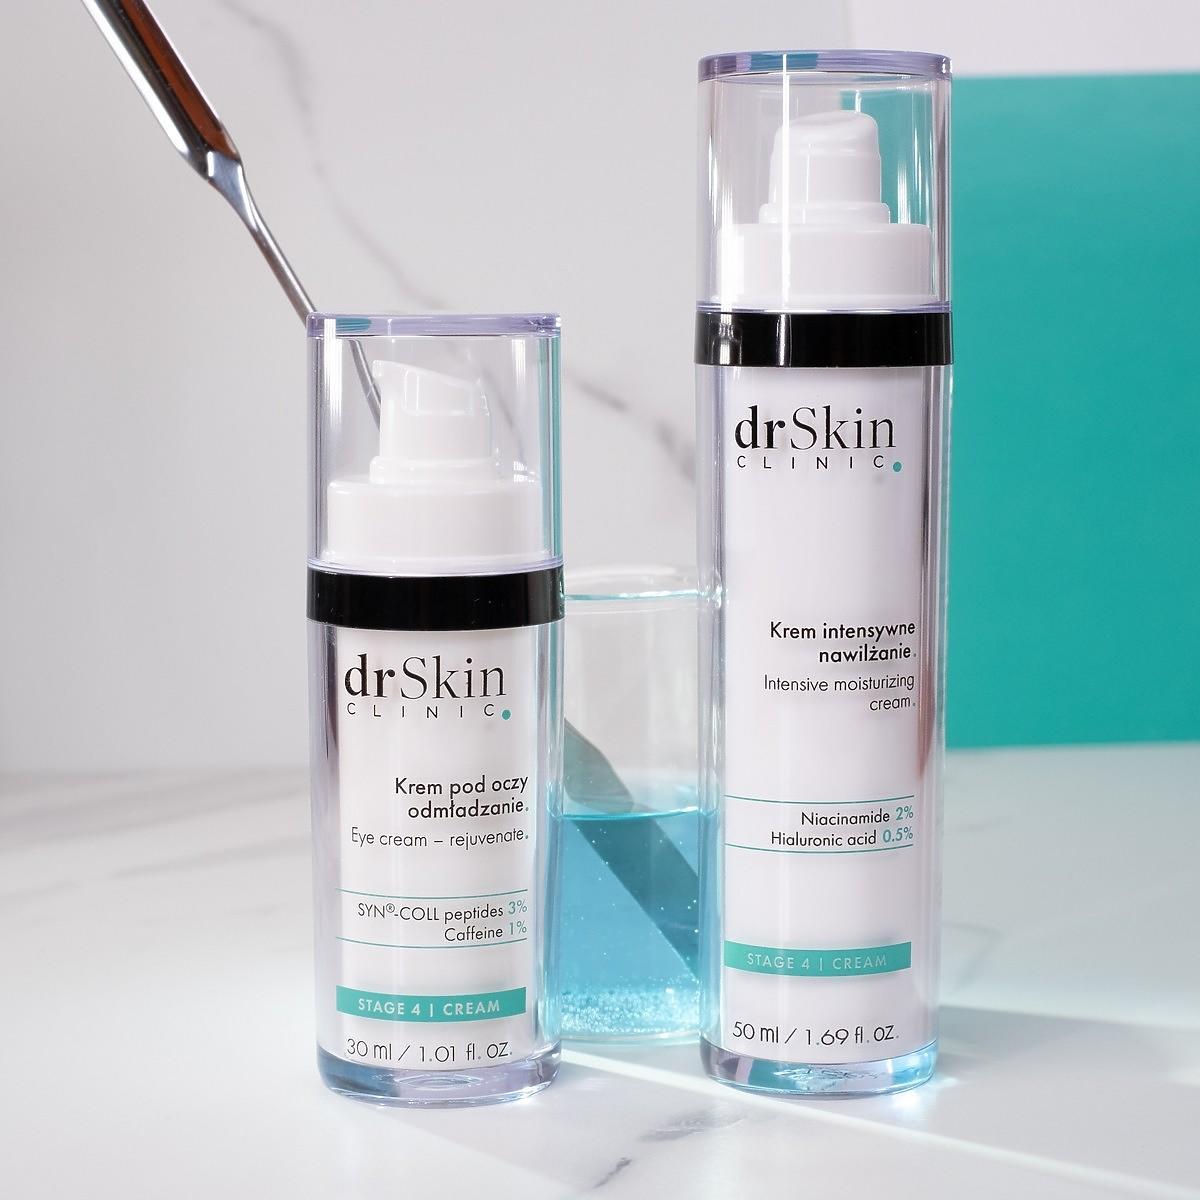 Kosmetyki dr Skin Clinic